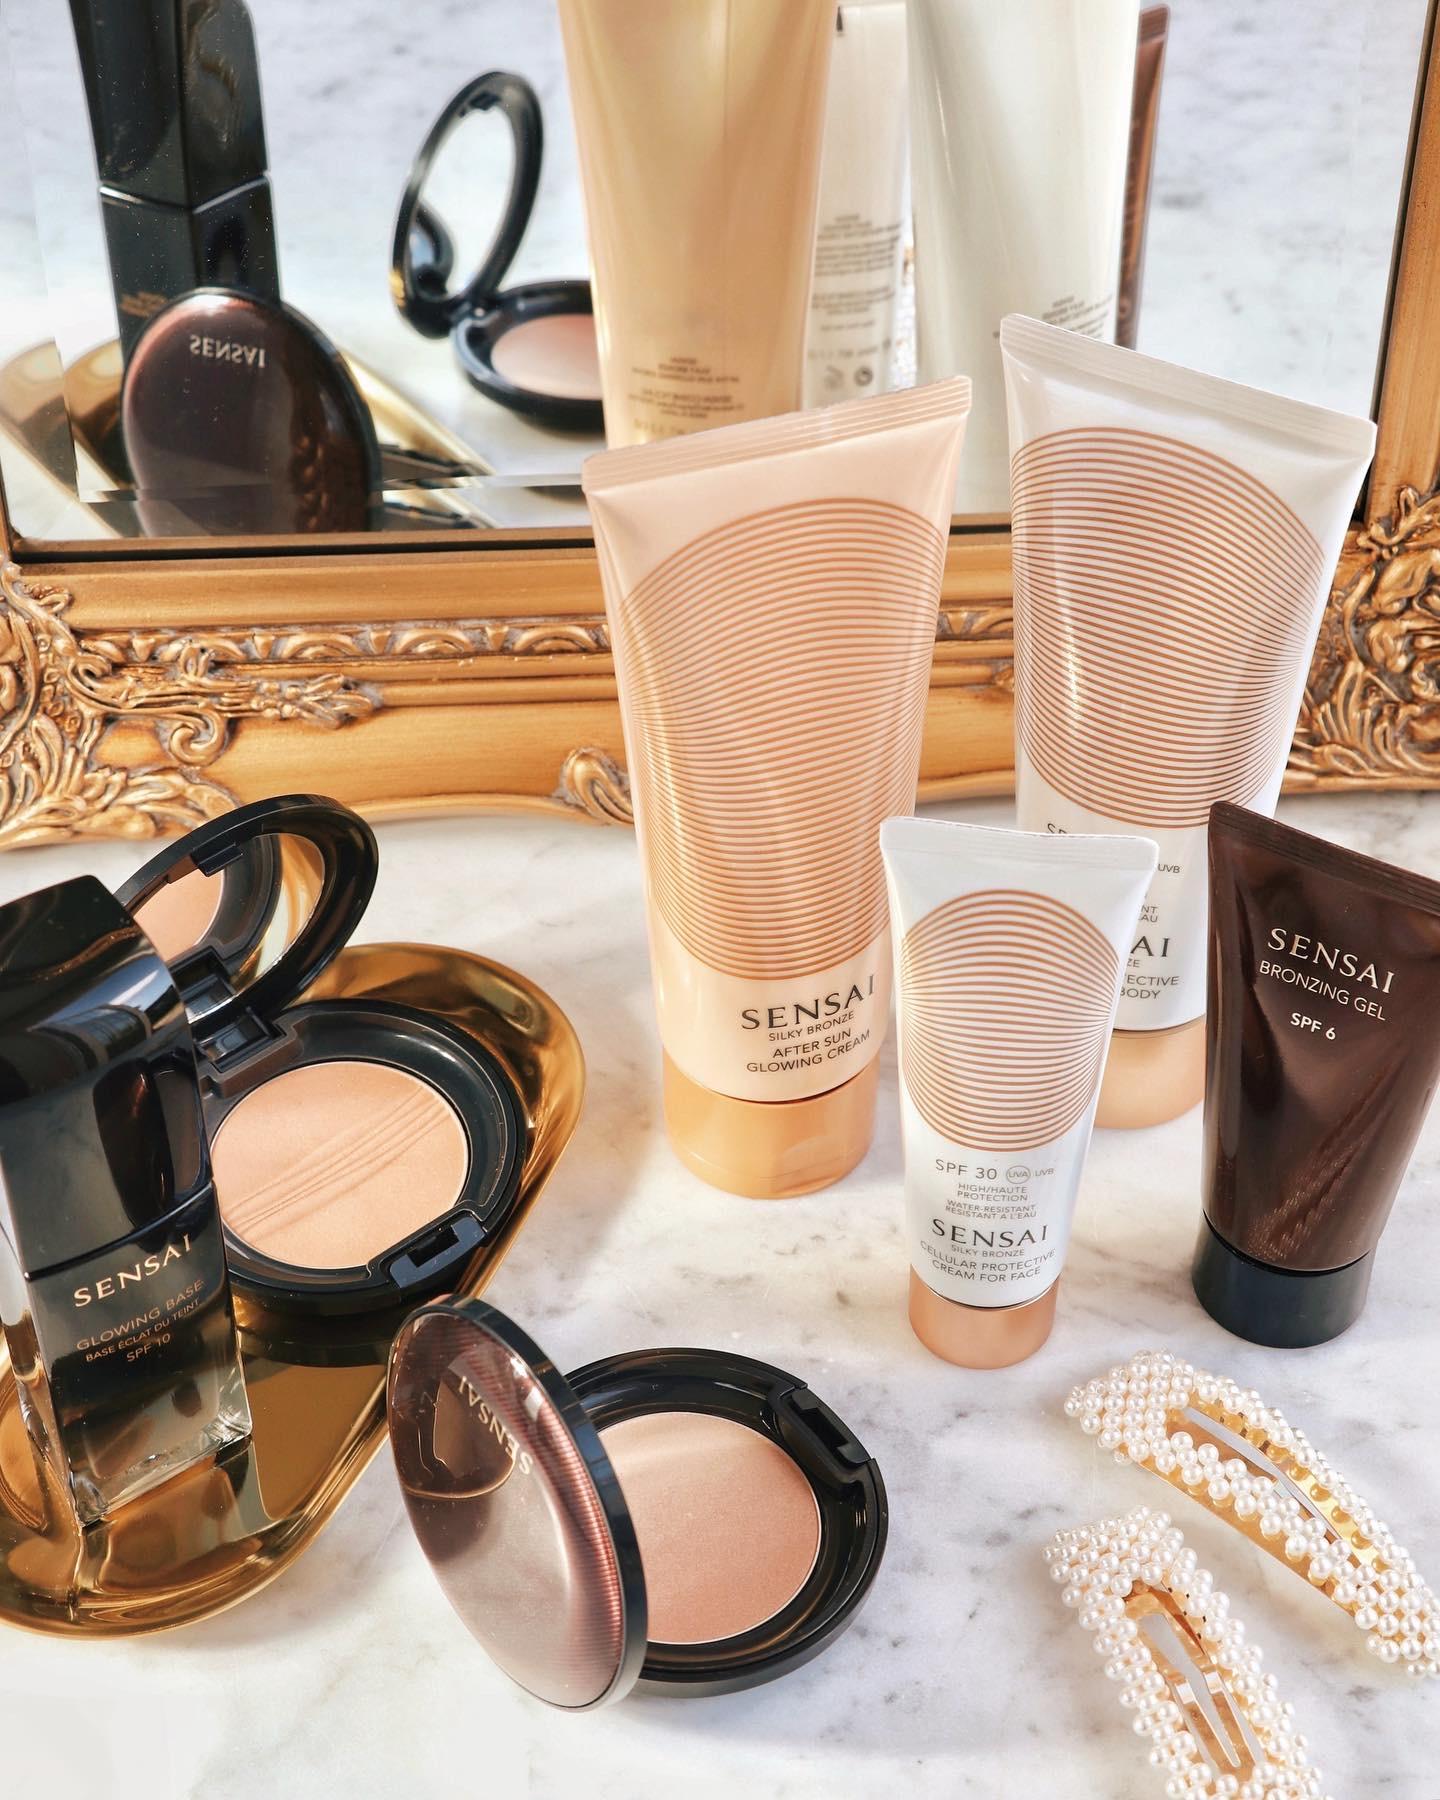 SENSAI Silky Bronze Cellular Protective Cream for Face & Body SPF30 & SPF50